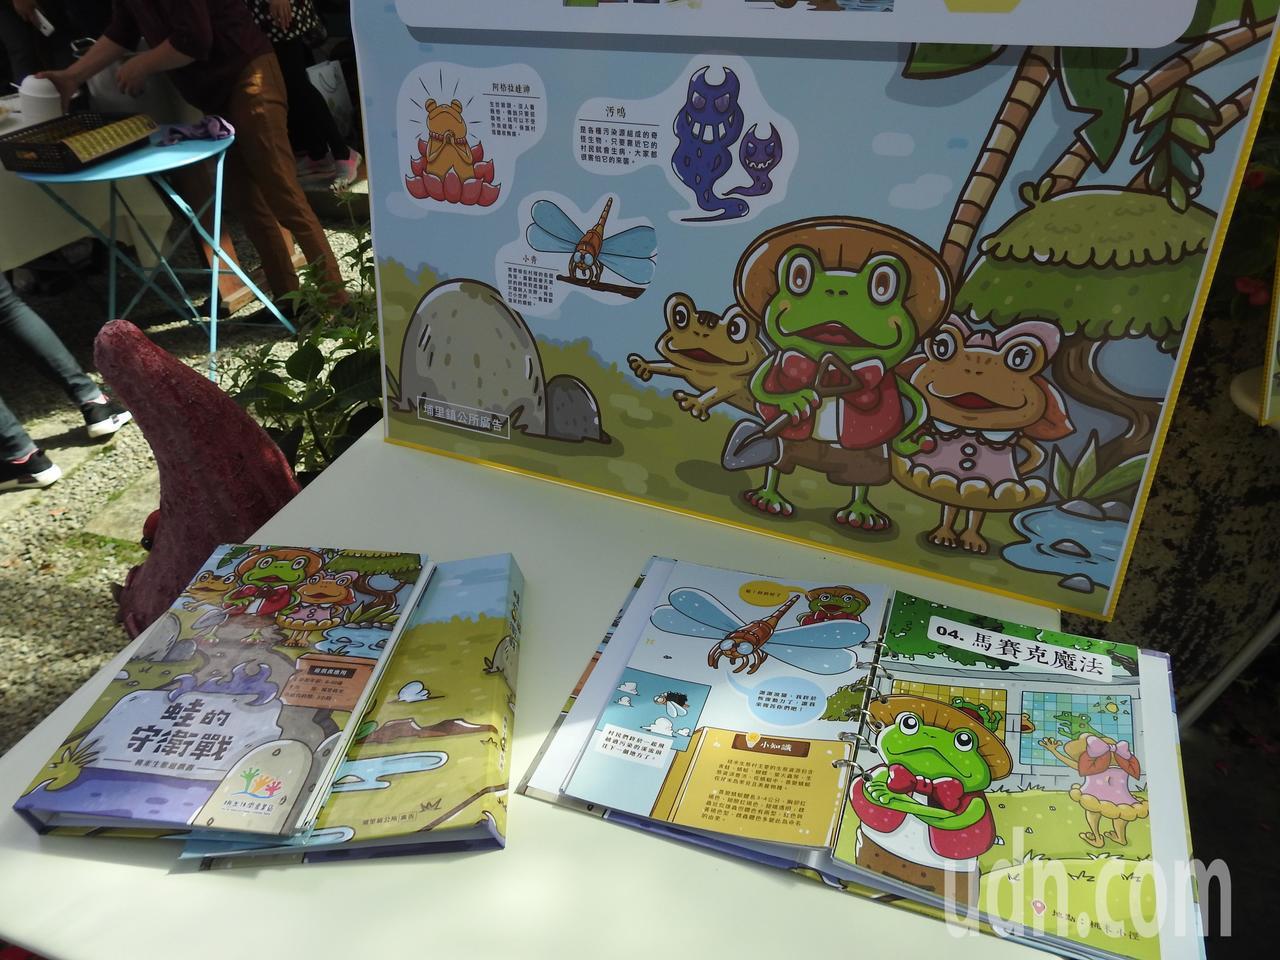 埔里桃米休閒農業區明年推出創新遊程、文創新品等,其中還有遊戲書帶民眾用故事玩桃米...